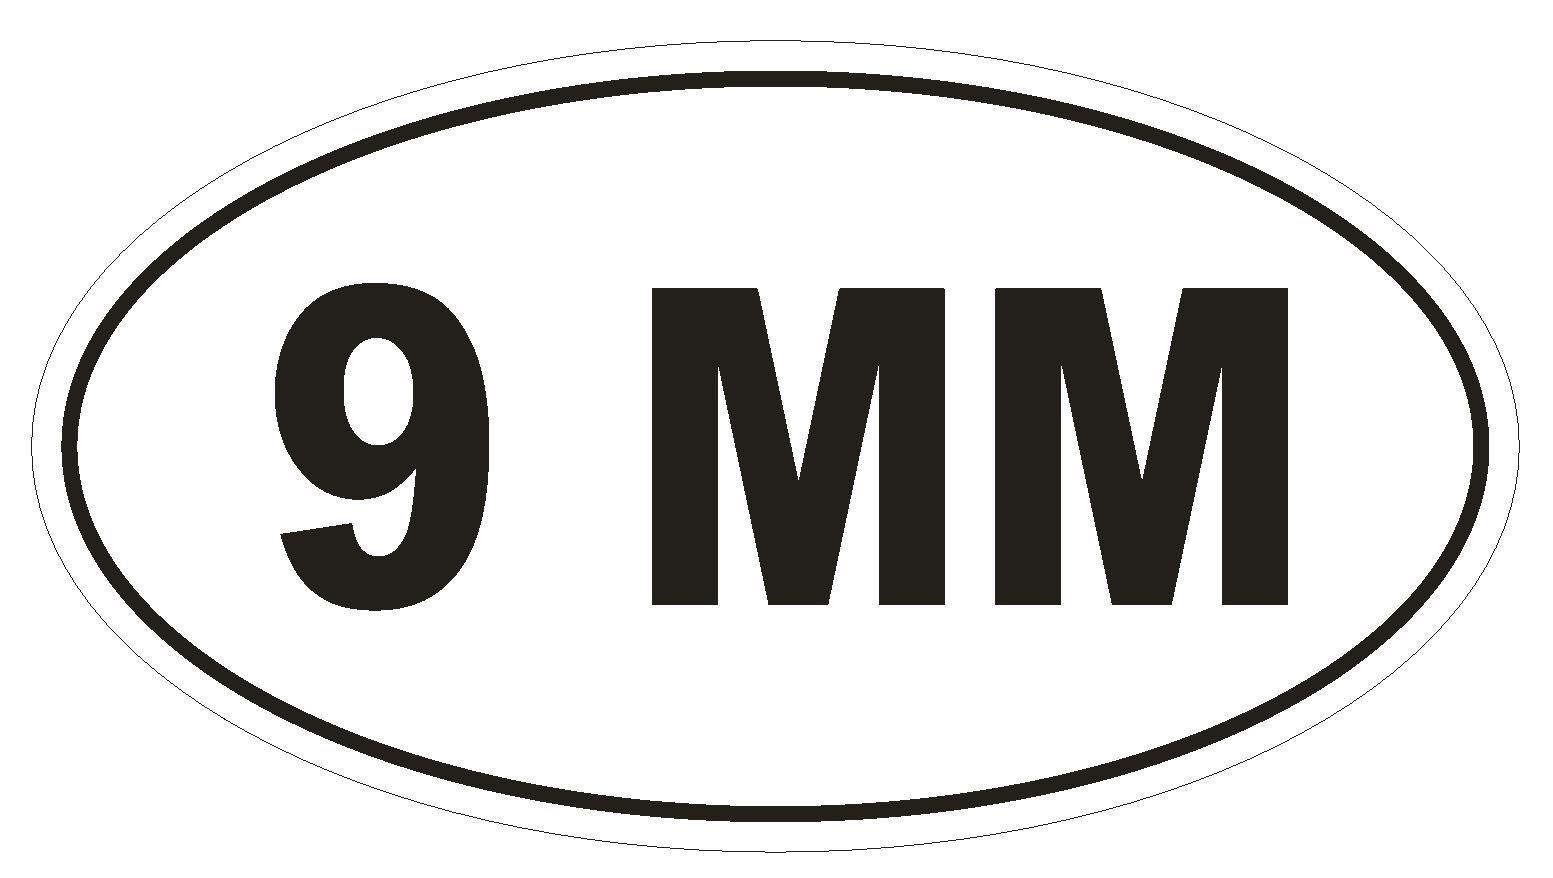 9 MM Oval Bumper Sticker or Helmet Sticker D2005 Euro Oval Gun Pistol Weapon